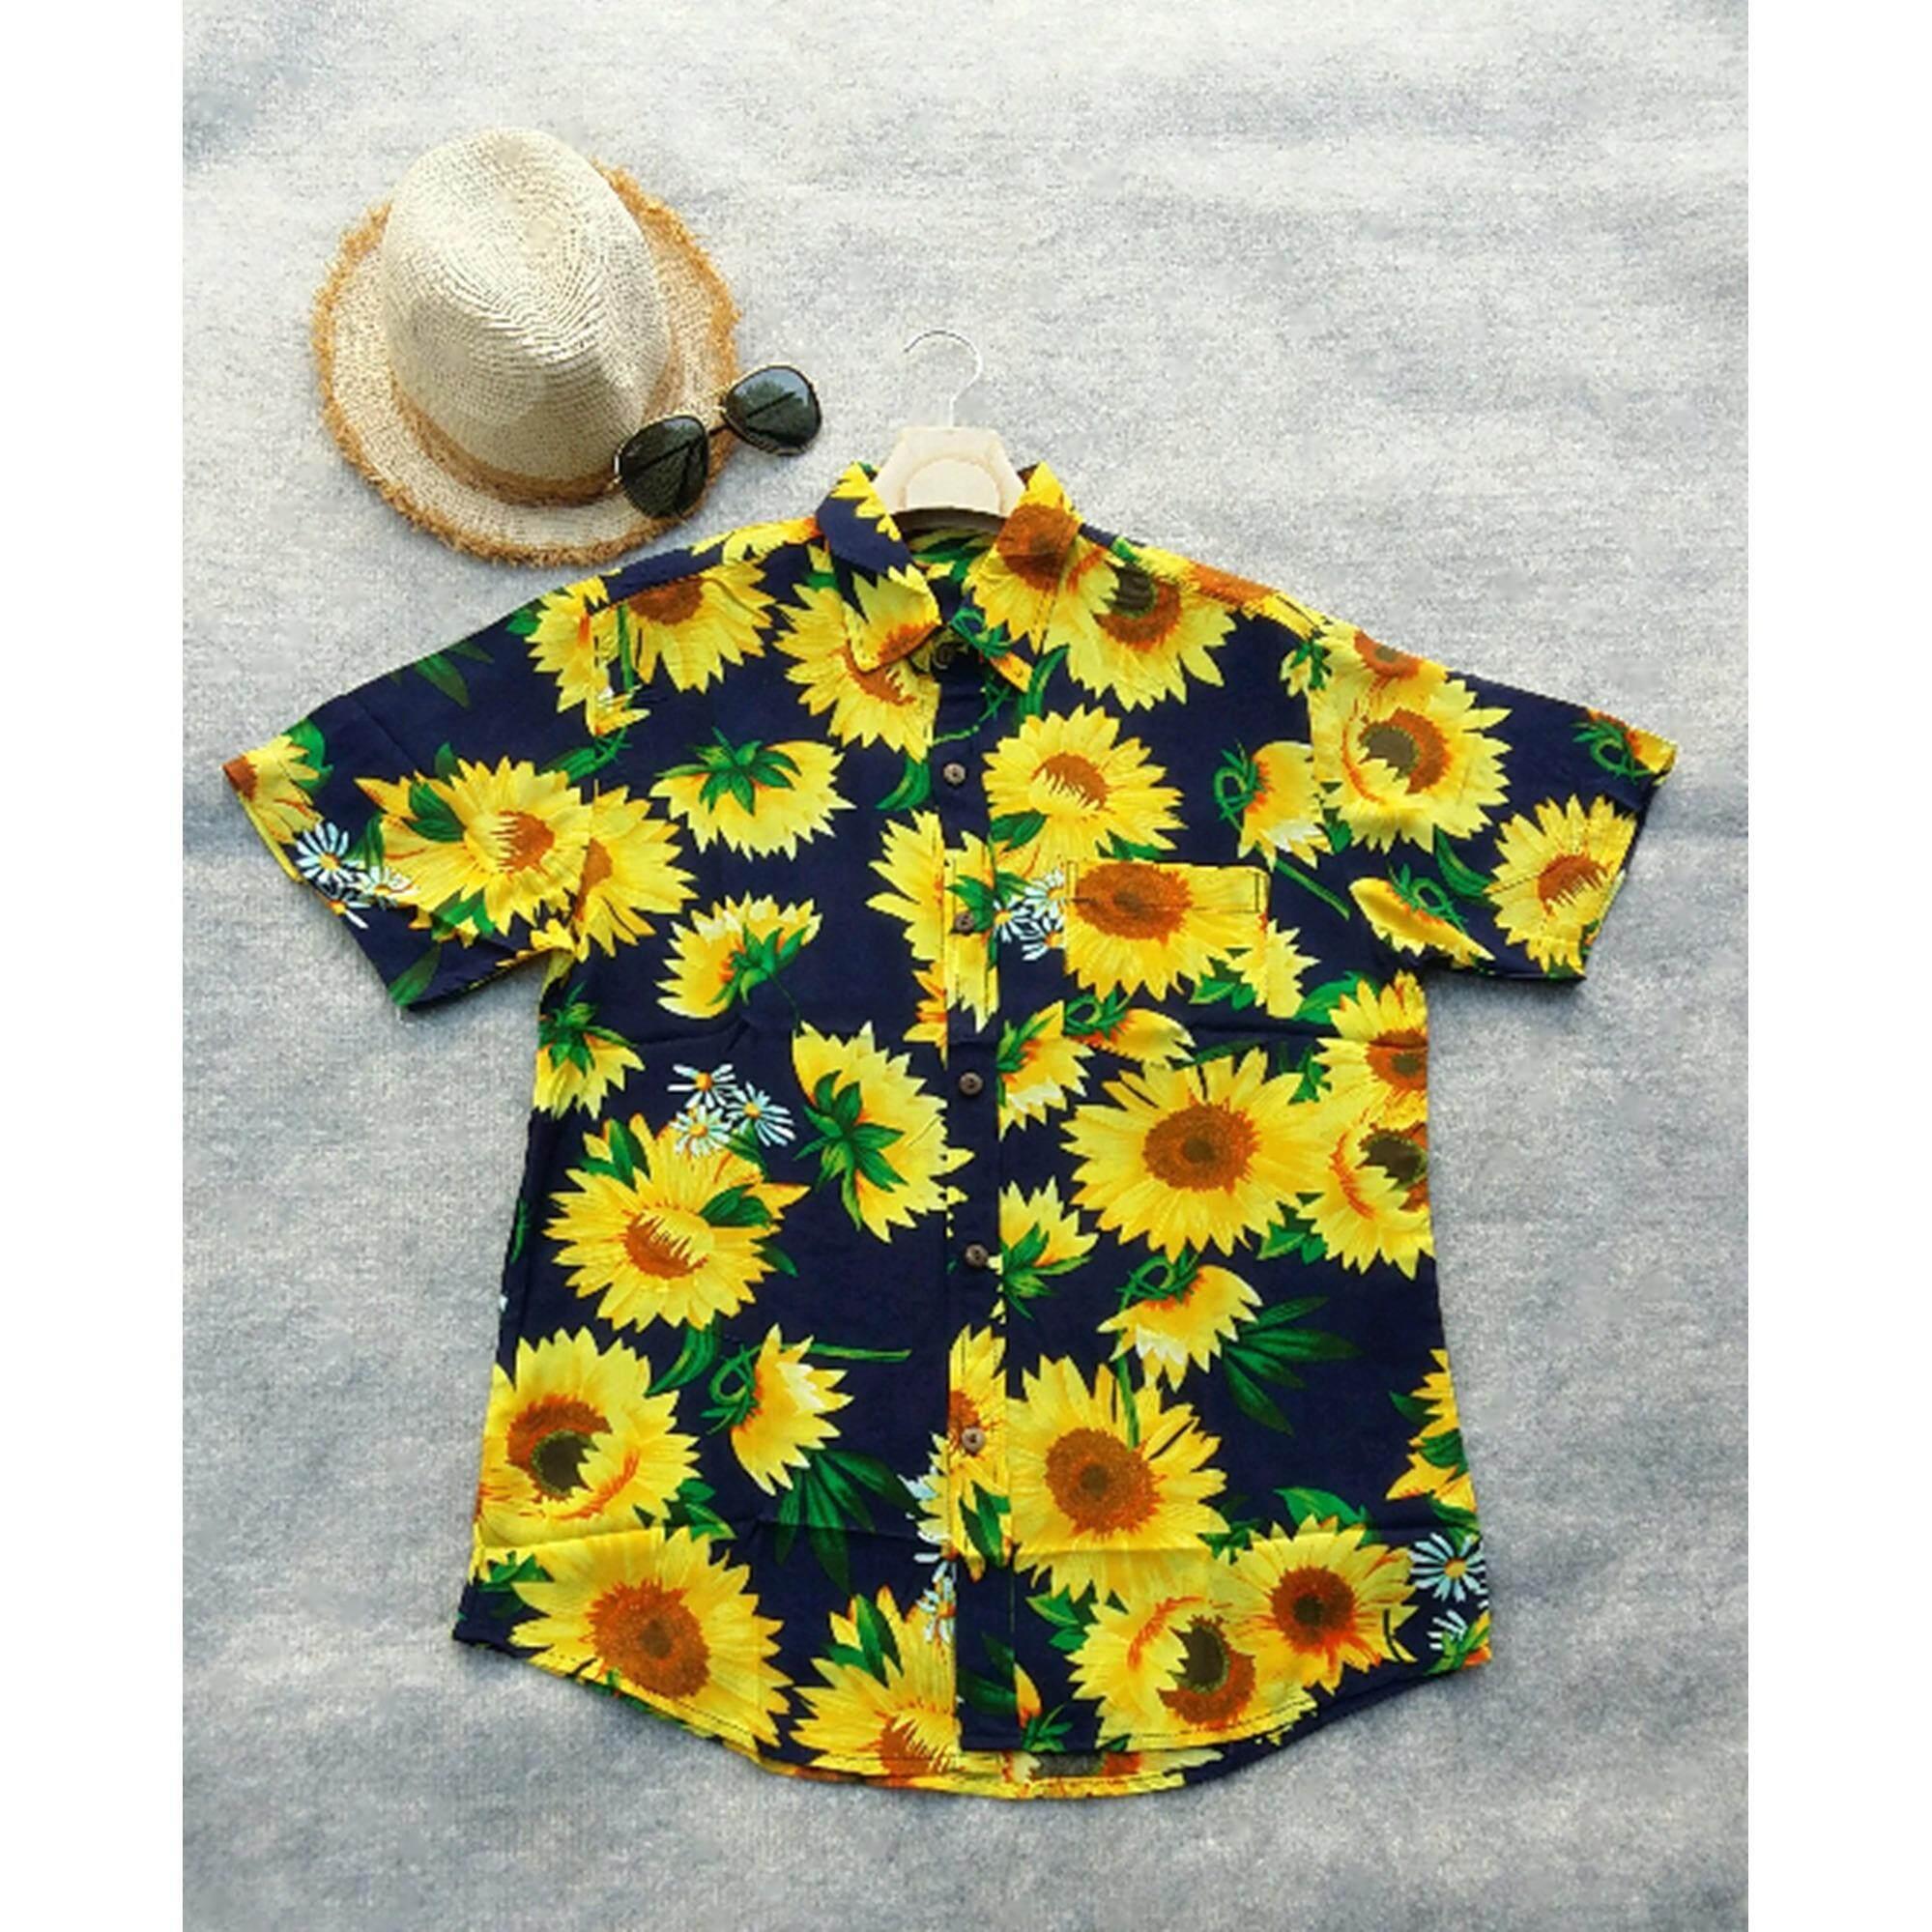 Mama Shop เสื้อเซิ้ตฮาวาย พิมพ์ลายดอกทานตะวันสีเหลือง พื้นสีน้ำเงินเข้ม คอปก ไซส์ M ผ้านิ่มใส่สบาย รุ่น Mb 112 Mama Shop ถูก ใน Thailand